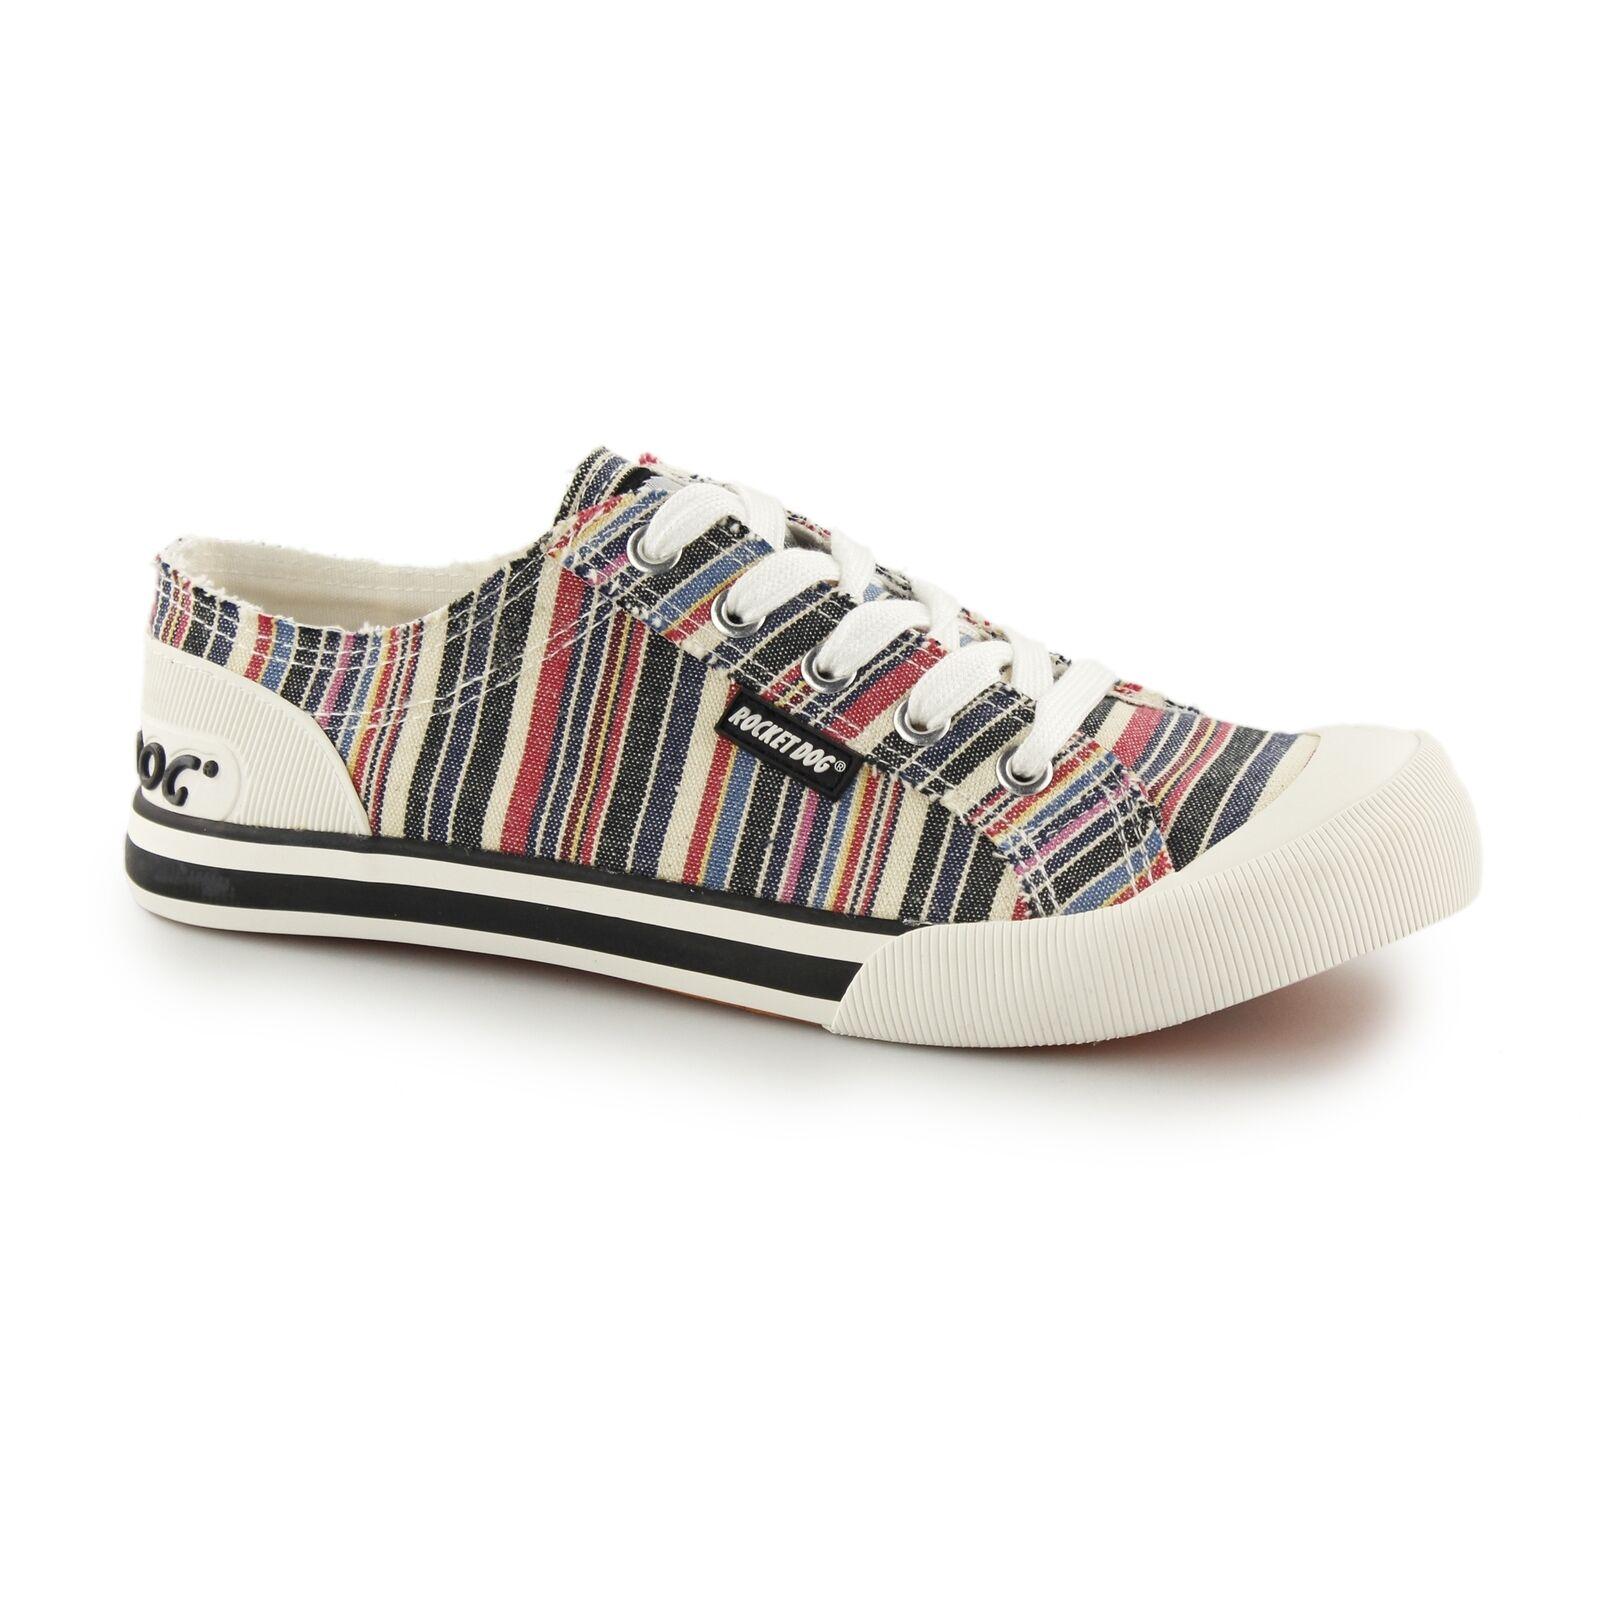 Rocket Dog Jazzin Señoras Para Textil Mujer Informal Clásico Textil Para Con Cordones Zapatos Entrenador 14dacc